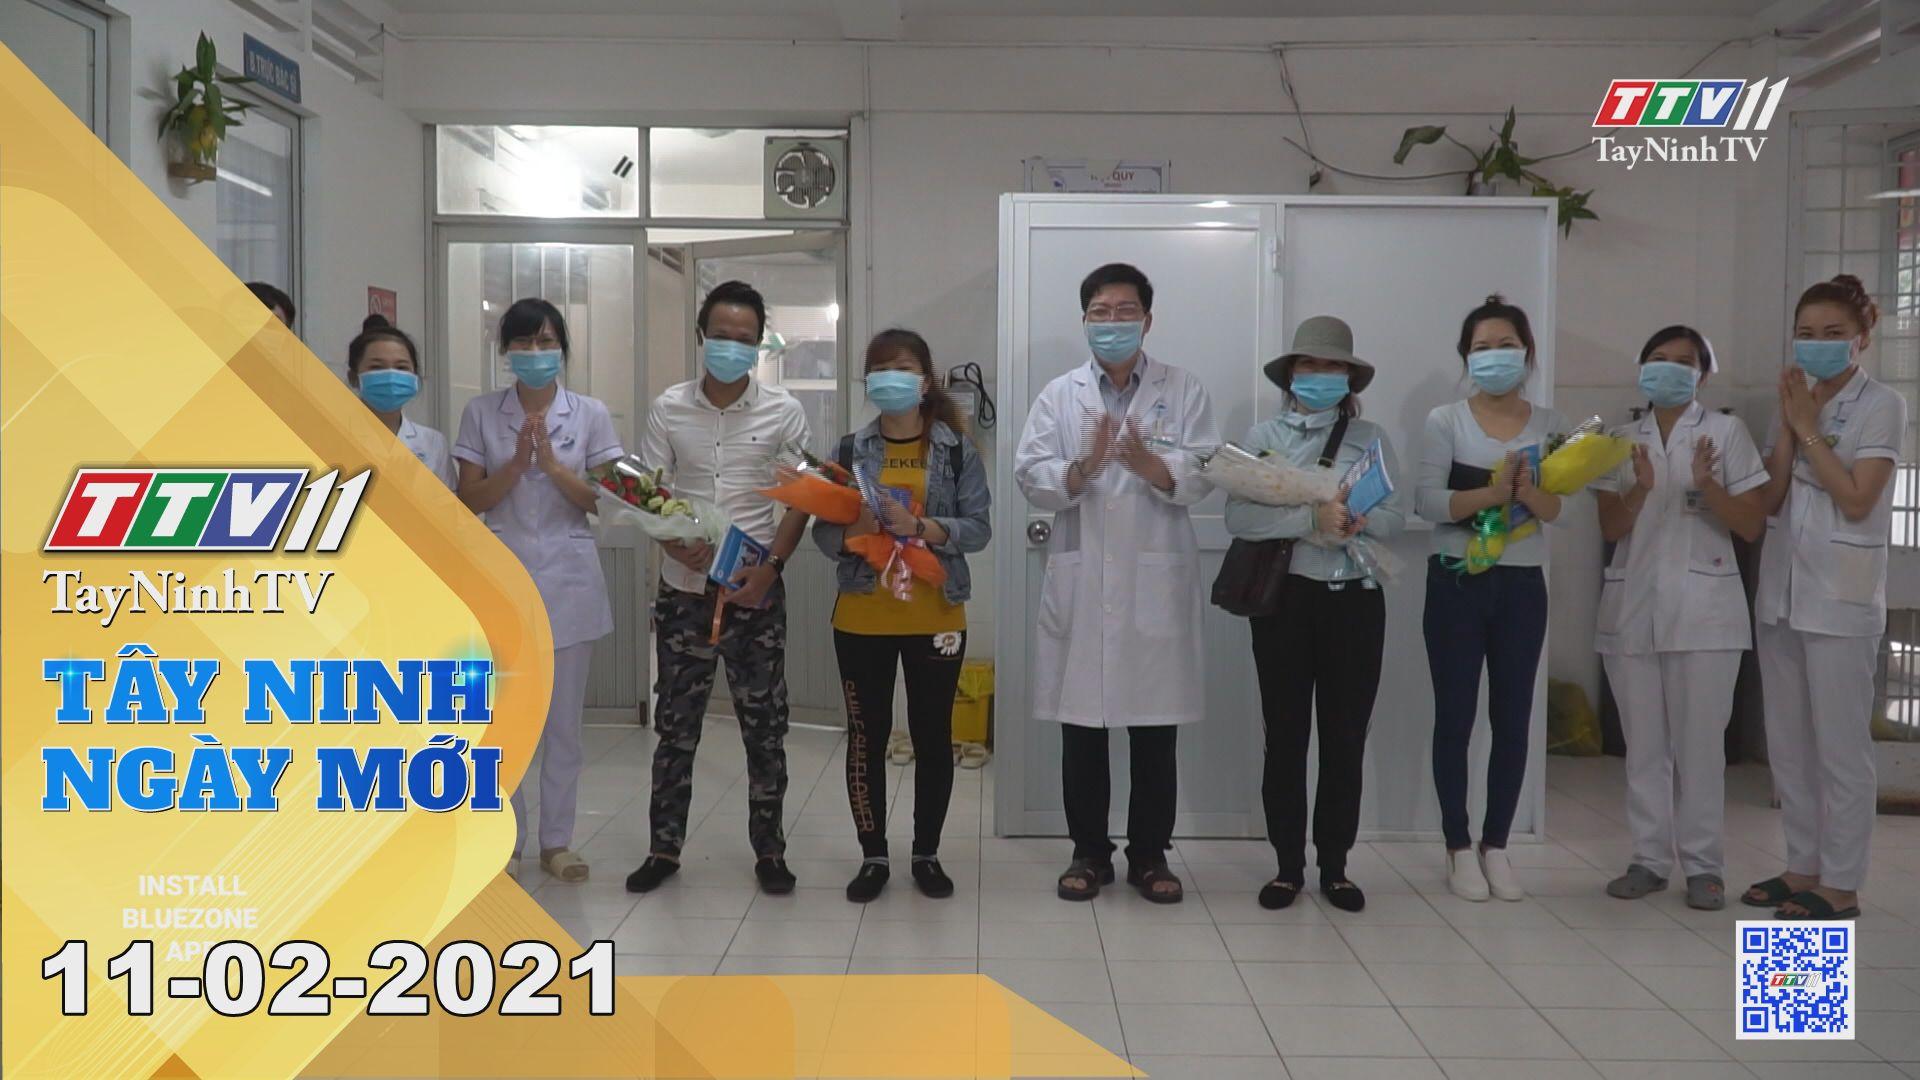 Tây Ninh Ngày Mới 11-02-2021   Tin tức hôm nay   TayNinhTV